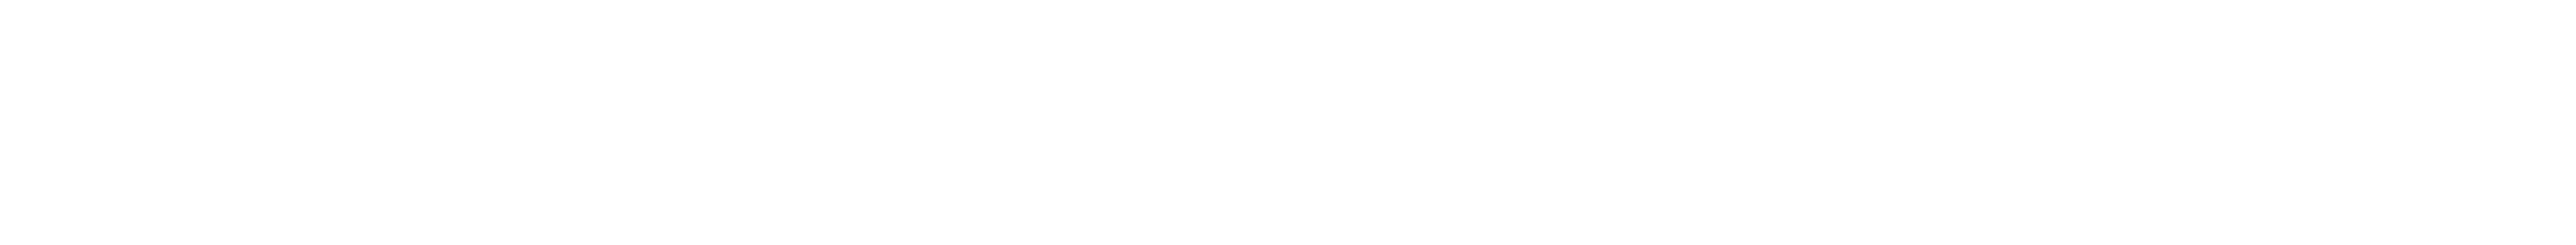 GlobalConnect - IT-infrastruktur til erhvervslivet